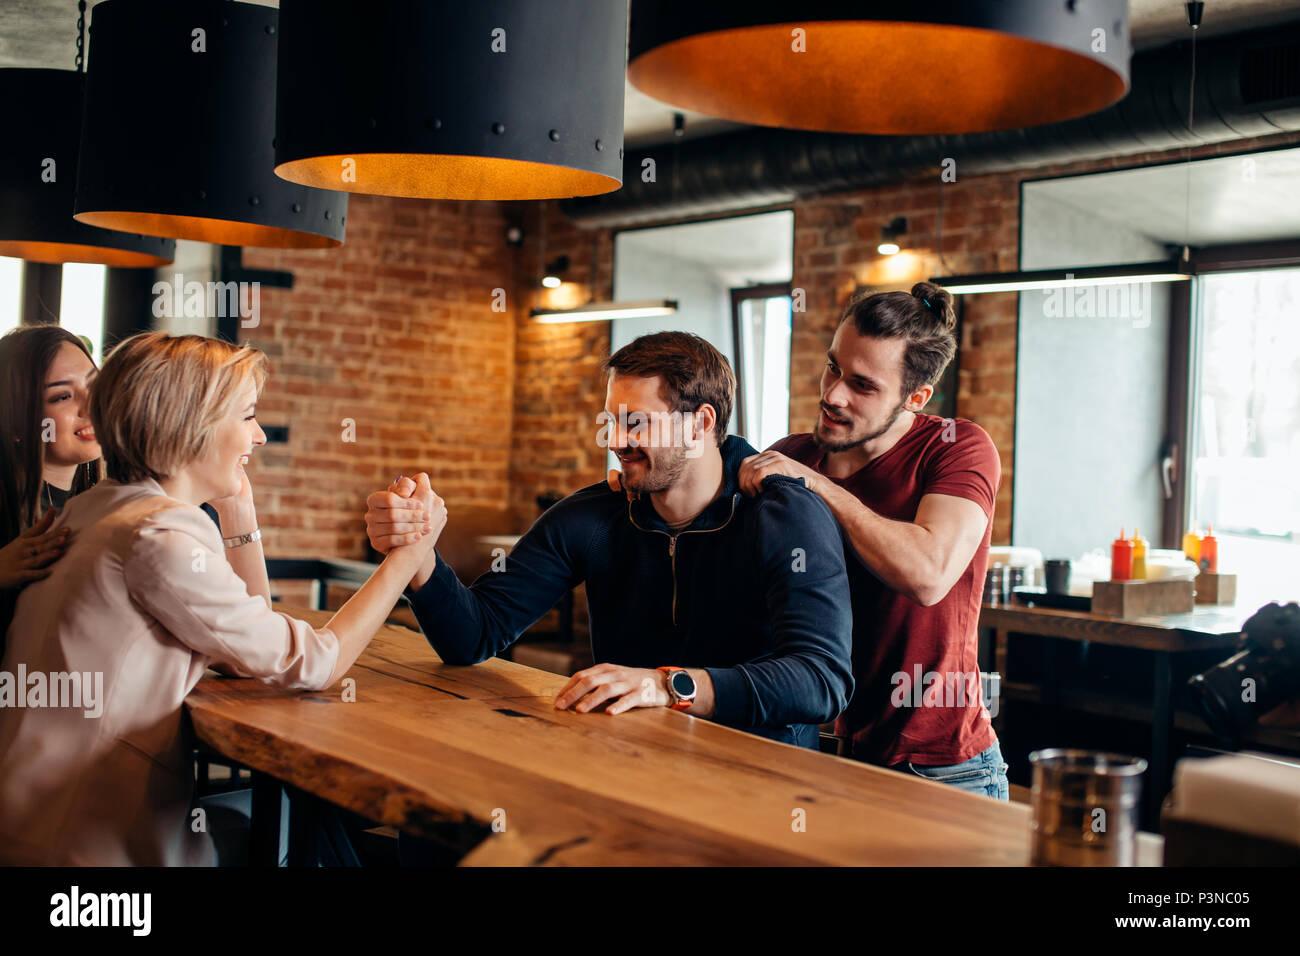 Gyu alegre y divertirse chica arm wrestling mutuamente en el pub. Imagen De Stock